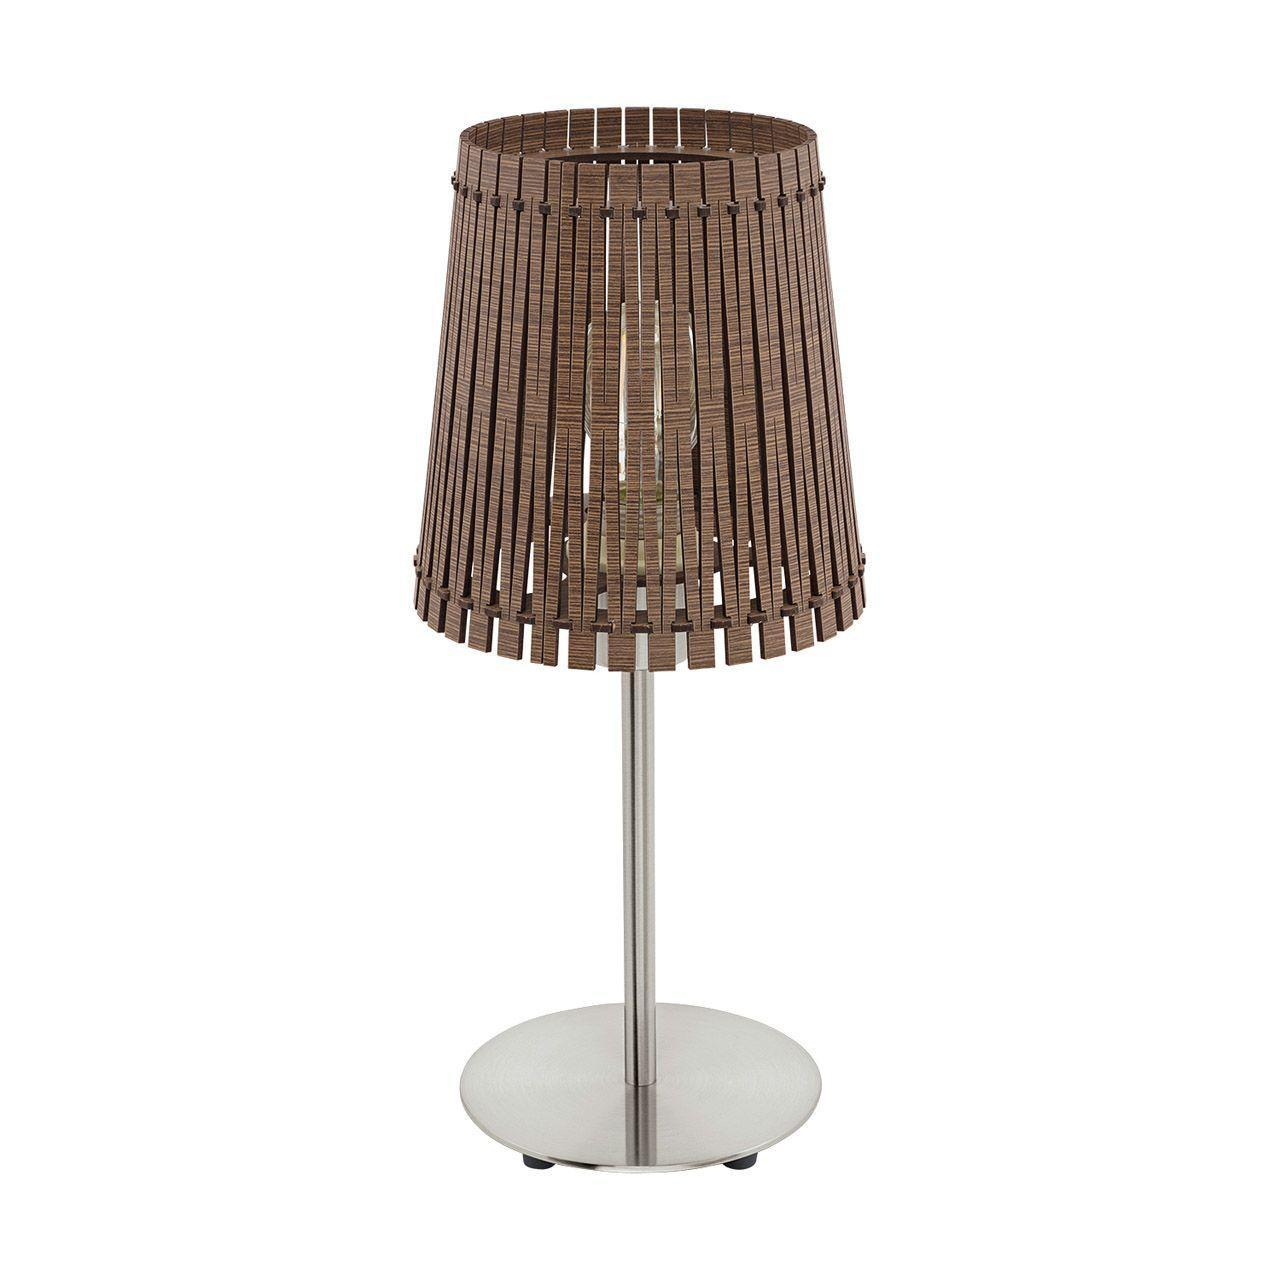 Настольная лампа Eglo Sendero 96203 настольная лампа eglo sendero 96189